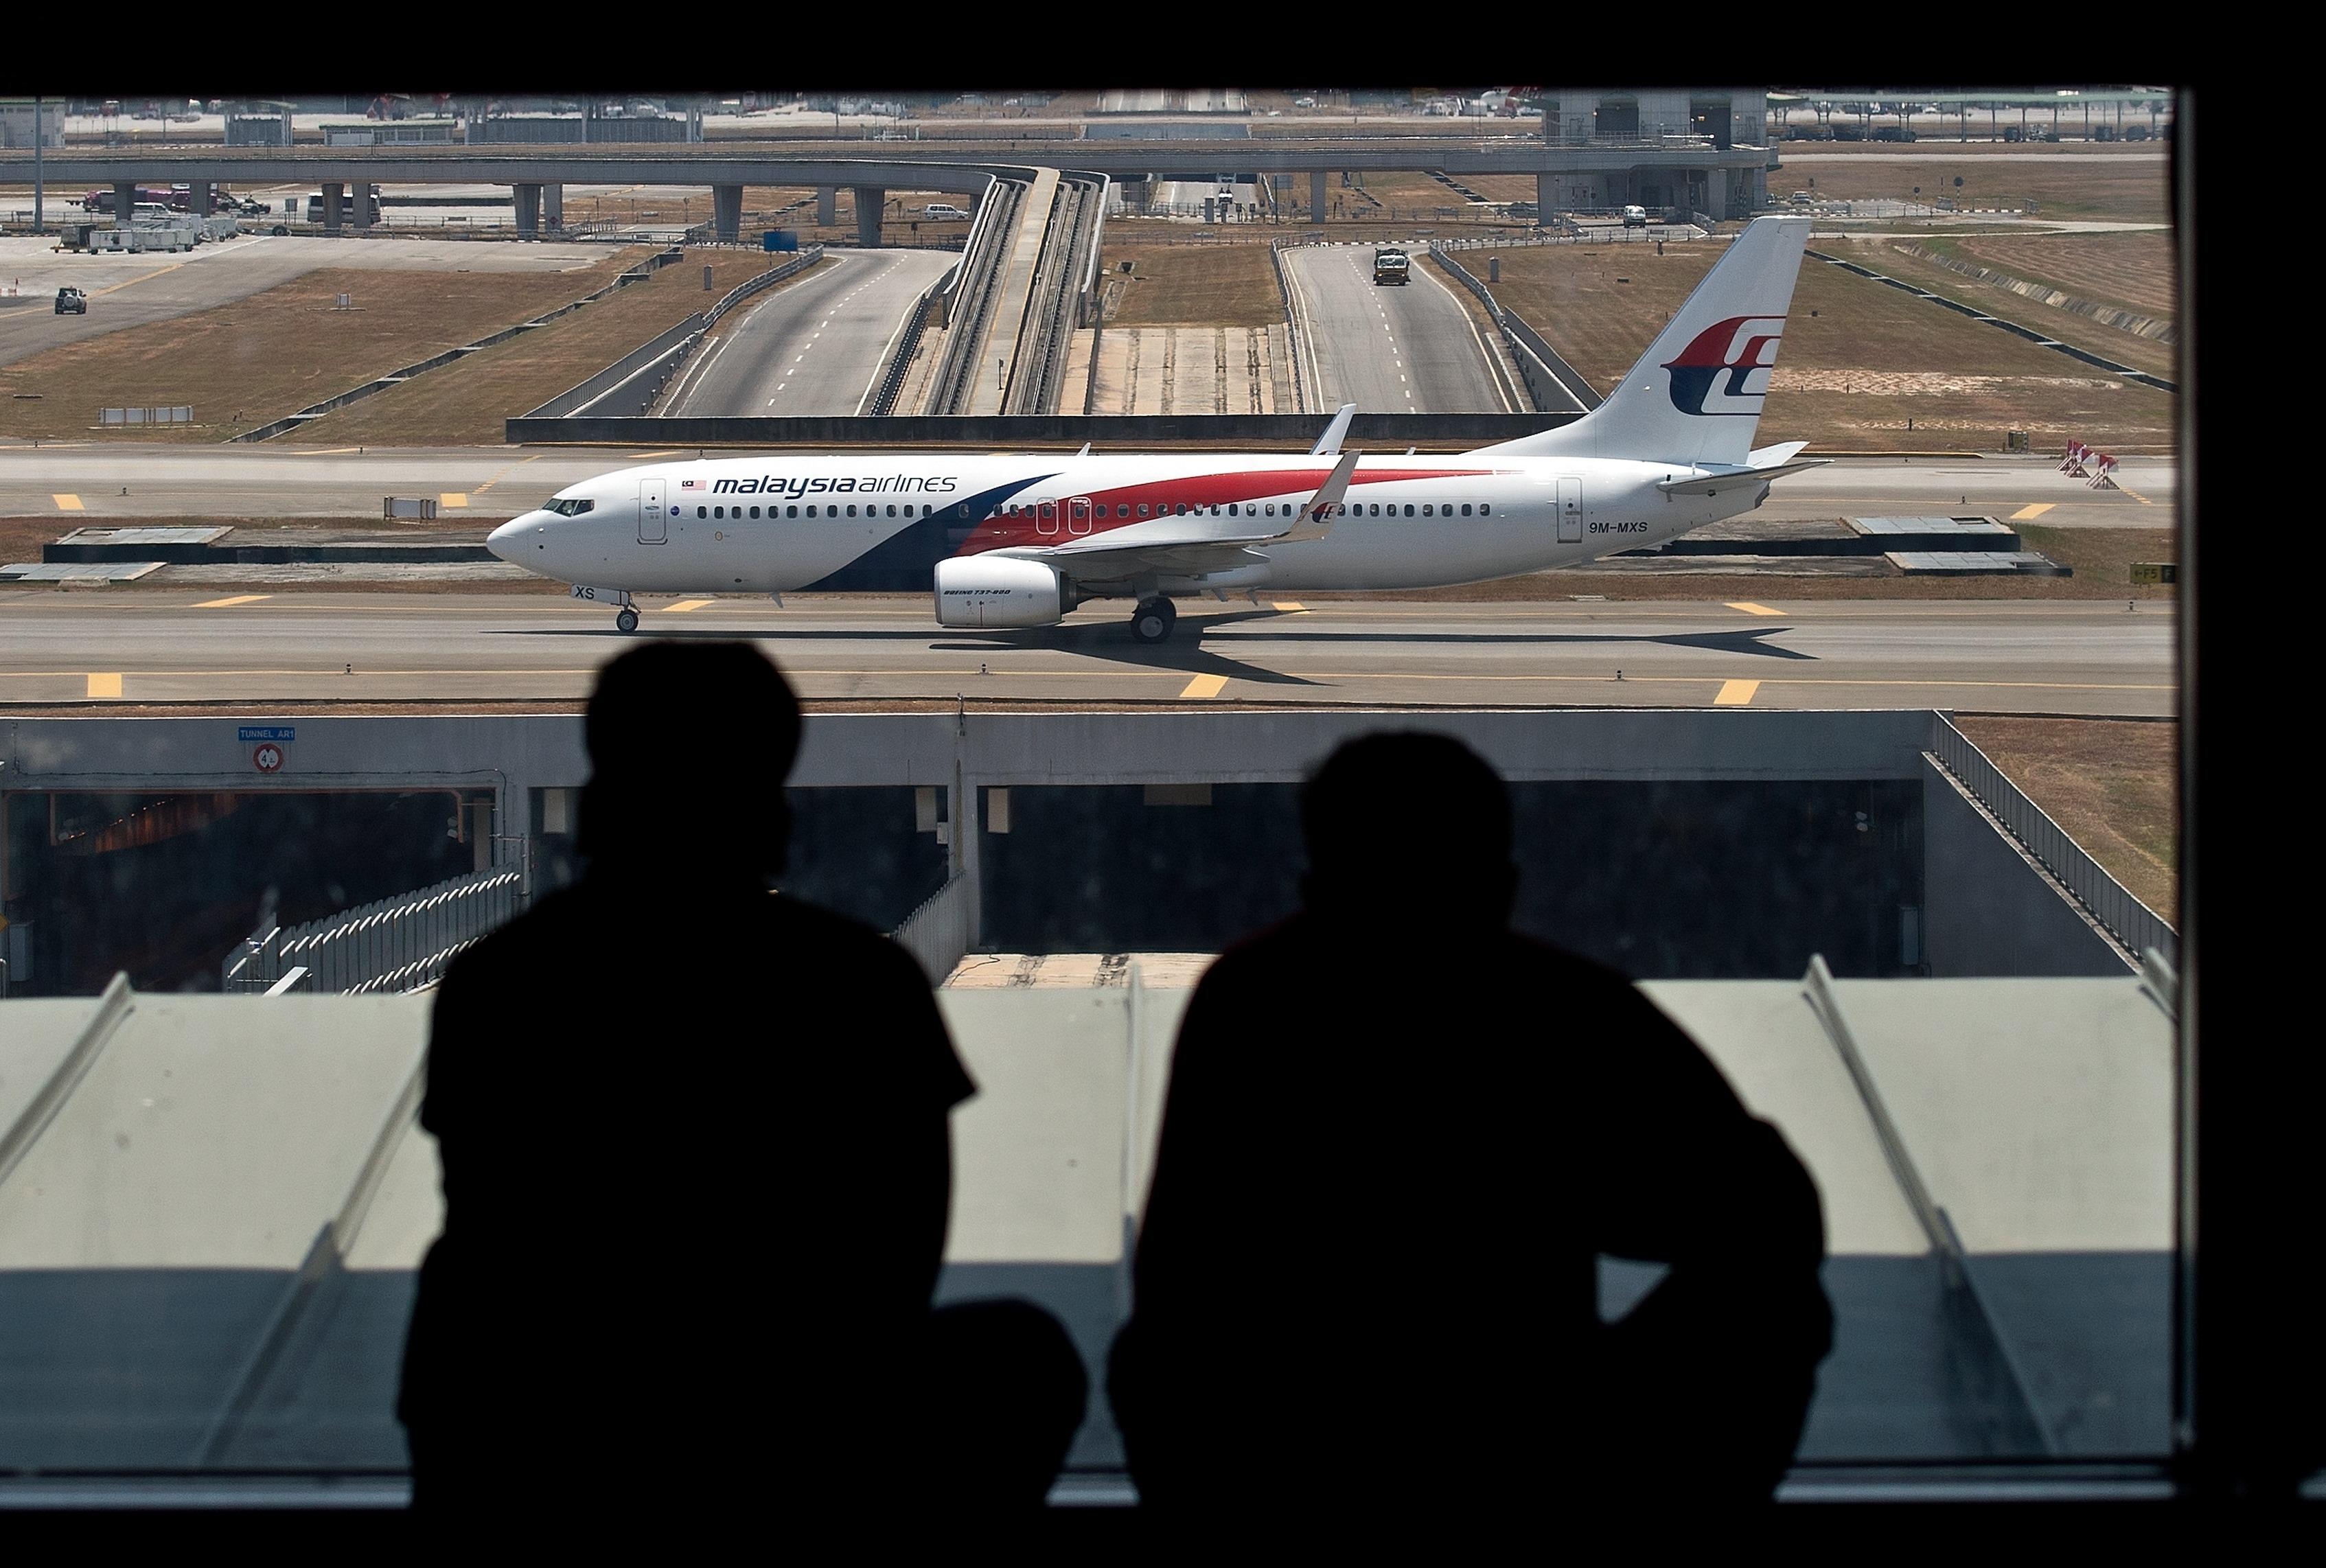 Malaysia Airlines kurz vor dem Bankrott? – Die Suche nach Flug MH370 wird intensiviert